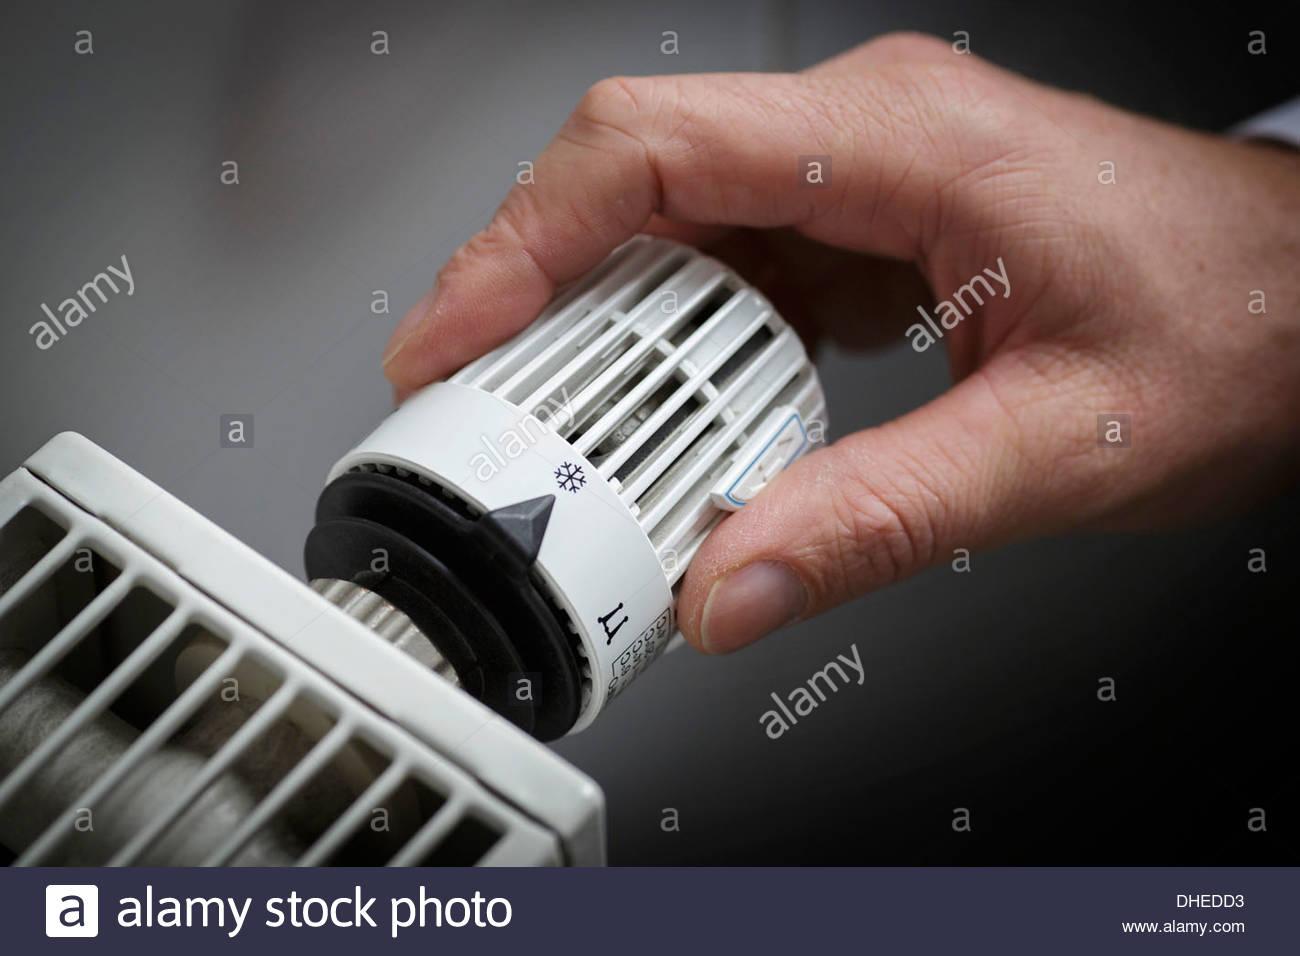 Controla el lado humano de un radiador Imagen De Stock